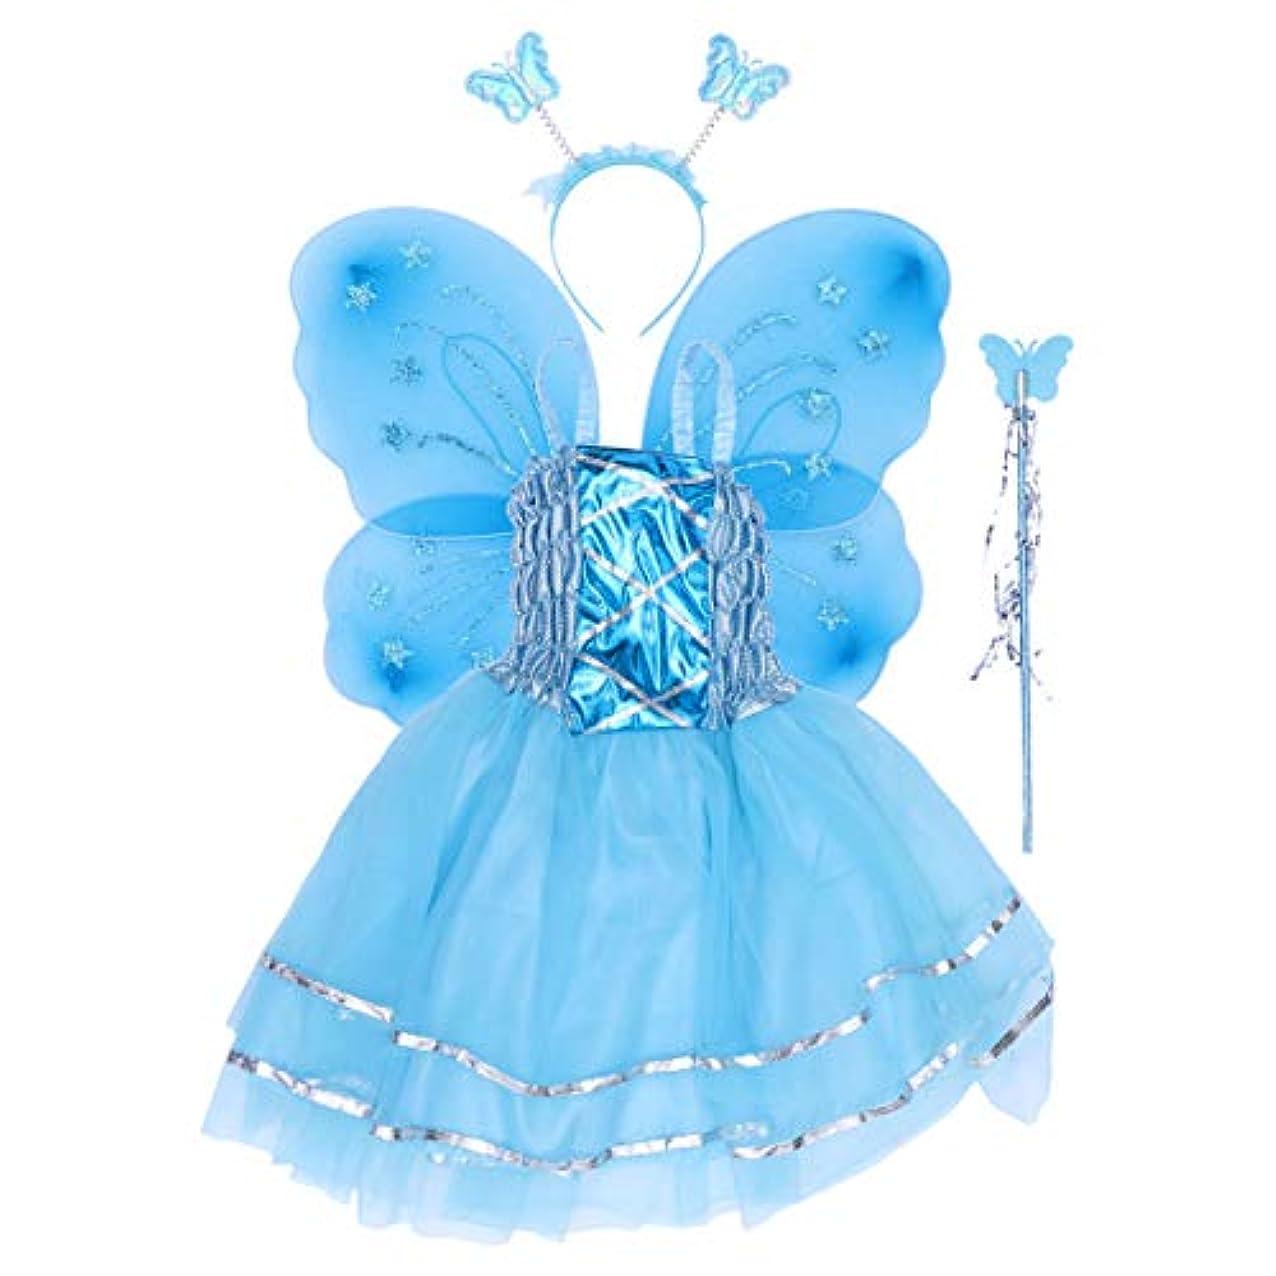 使役自動的に冷凍庫BESTOYARD 蝶の羽、ワンド、ヘッドバンド、ツツードレス(スカイブルー)と4個の女の子バタフライプリンセス妖精のコスチュームセット